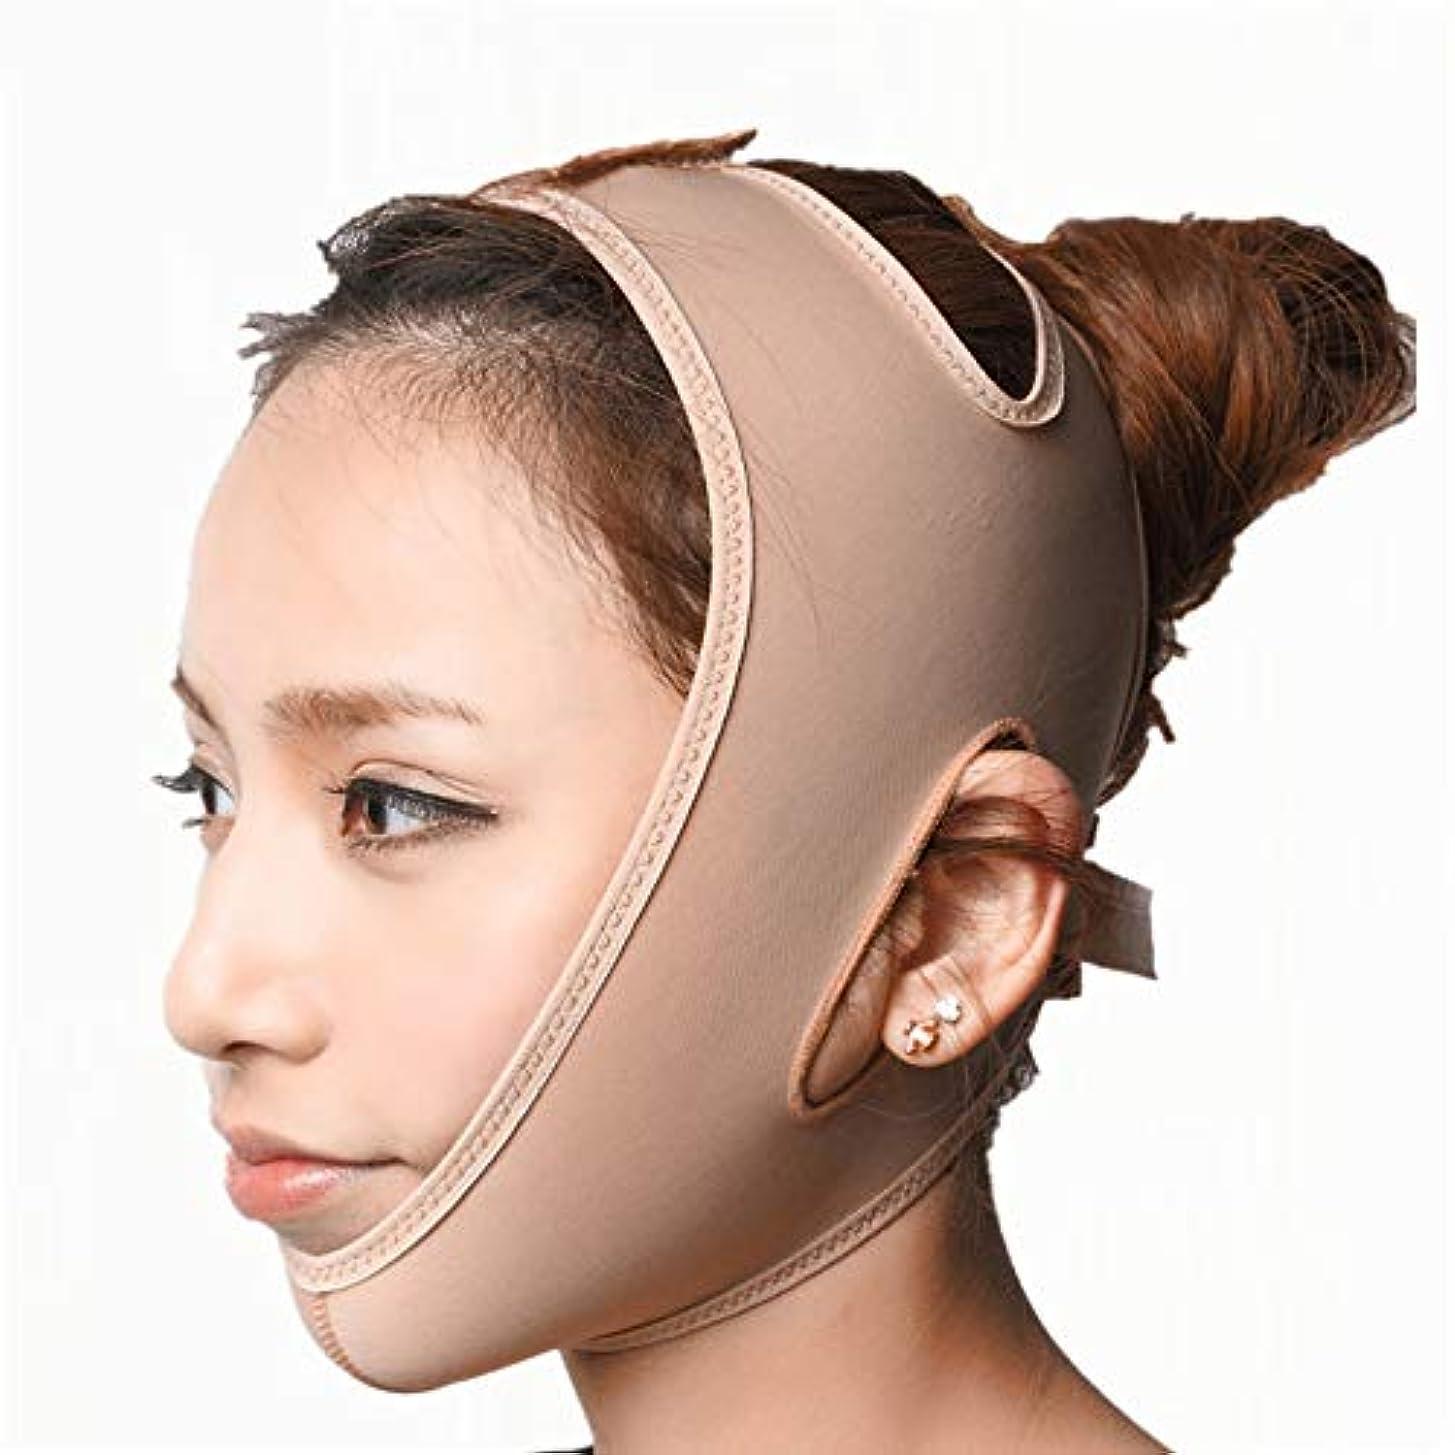 スカイグレード容赦ない顔の持ち上がる痩身ベルト - アンチエイジングリンクルフェイスマスクベルトシンフェイス包帯整形マスクは顔と首を締めますフェイススリム (サイズ さいず : S s)